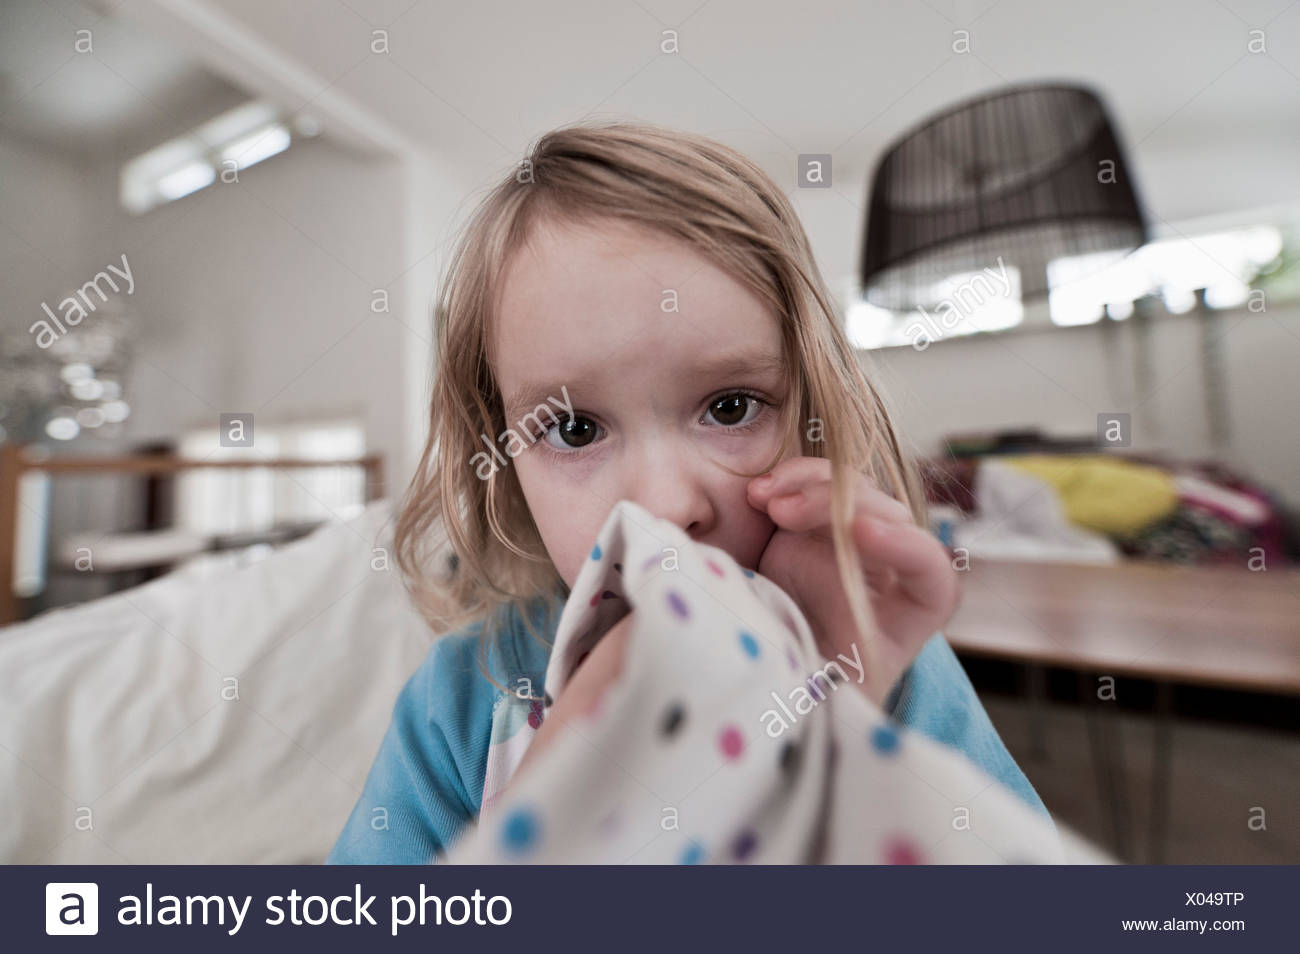 Retrato de niño niña chuparse el pulgar Imagen De Stock